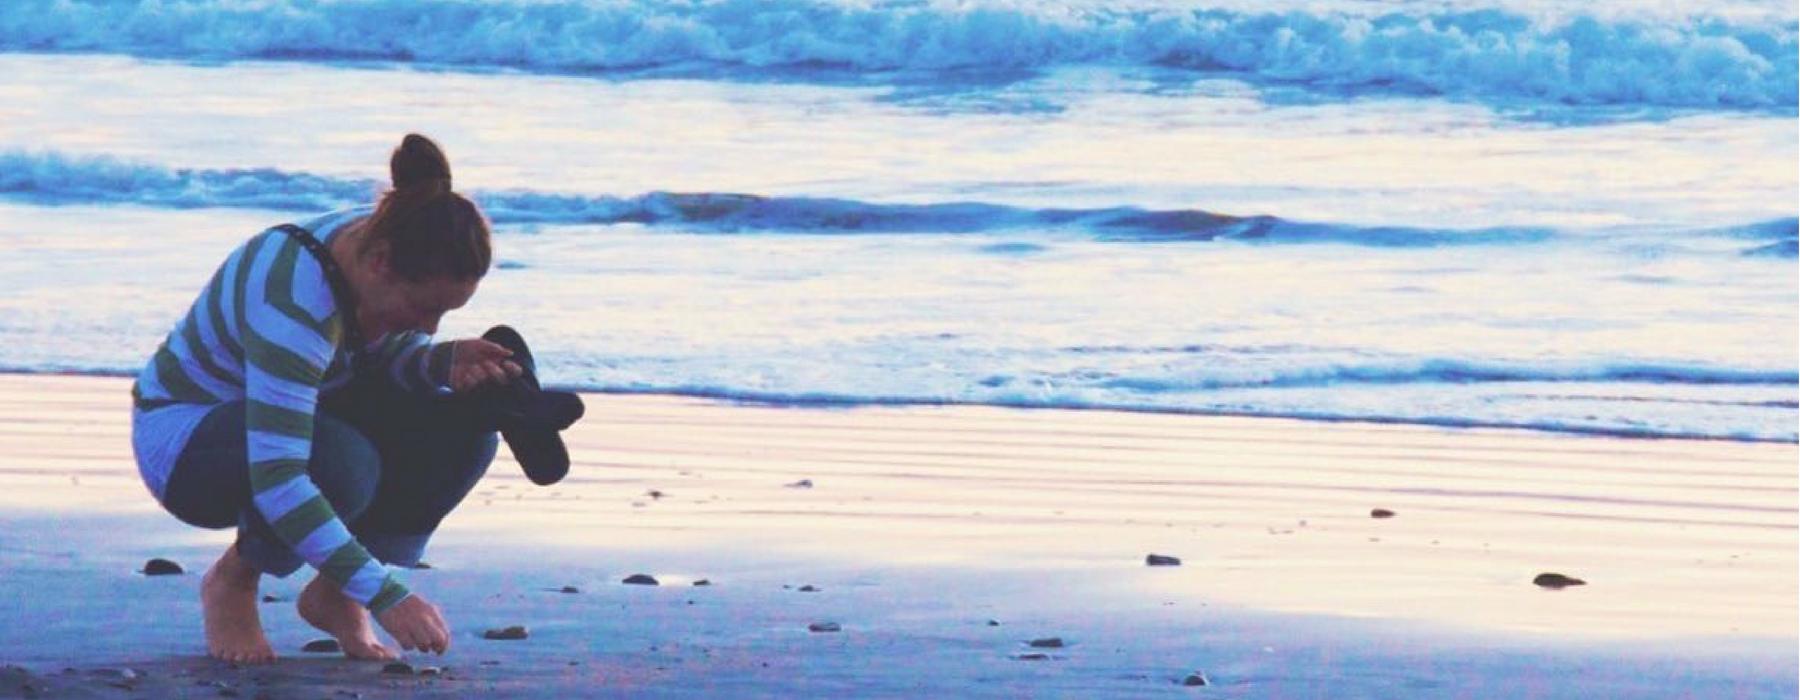 Tanya Droege on beach.png